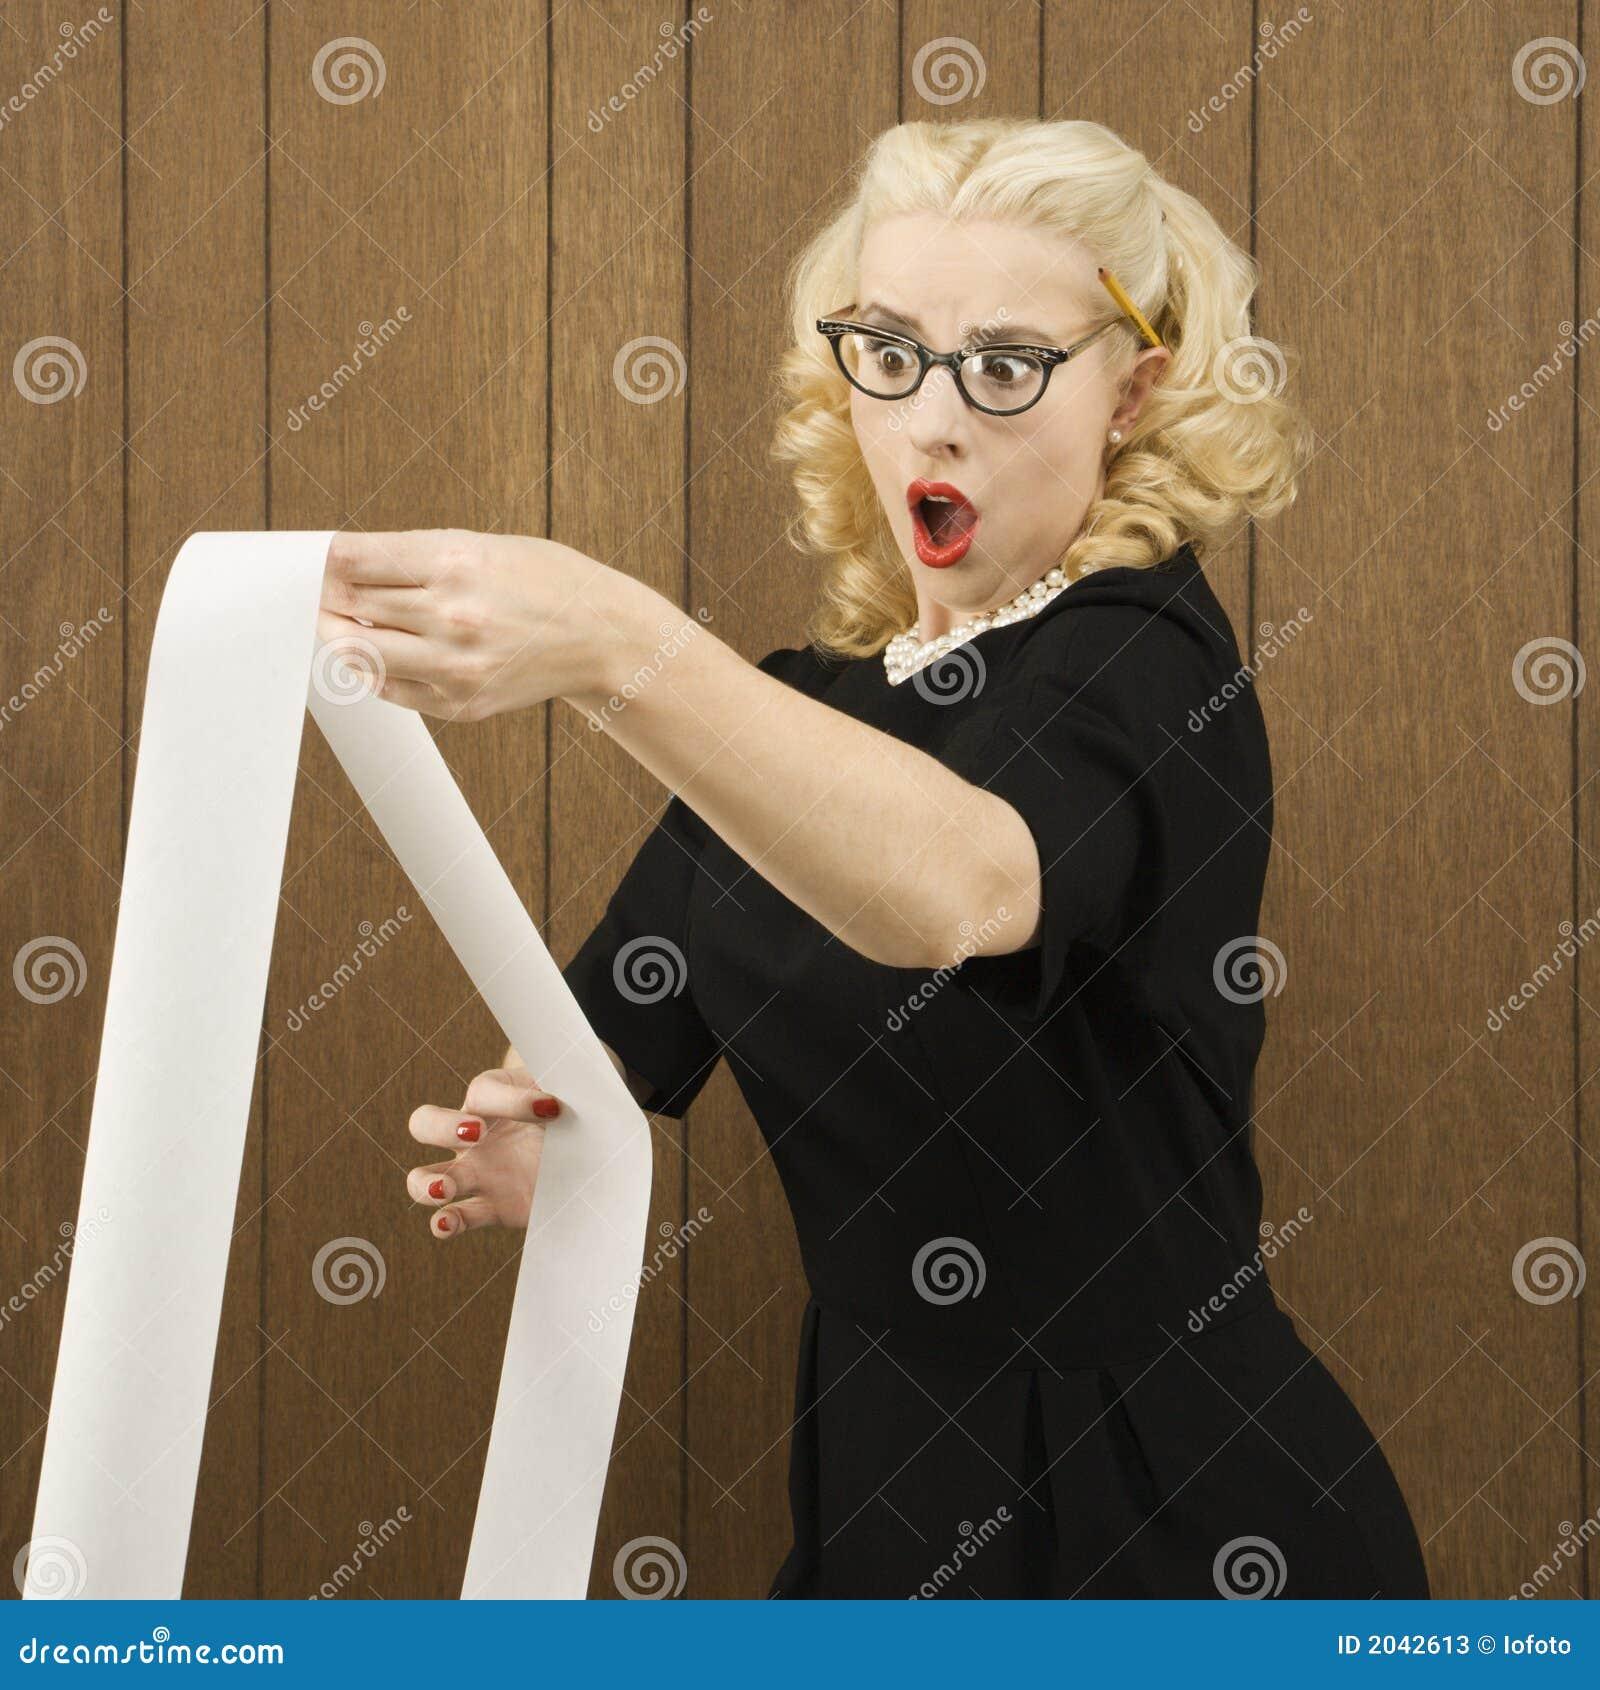 Mulher que prende um impresso com uma expressão chocante em sua face.